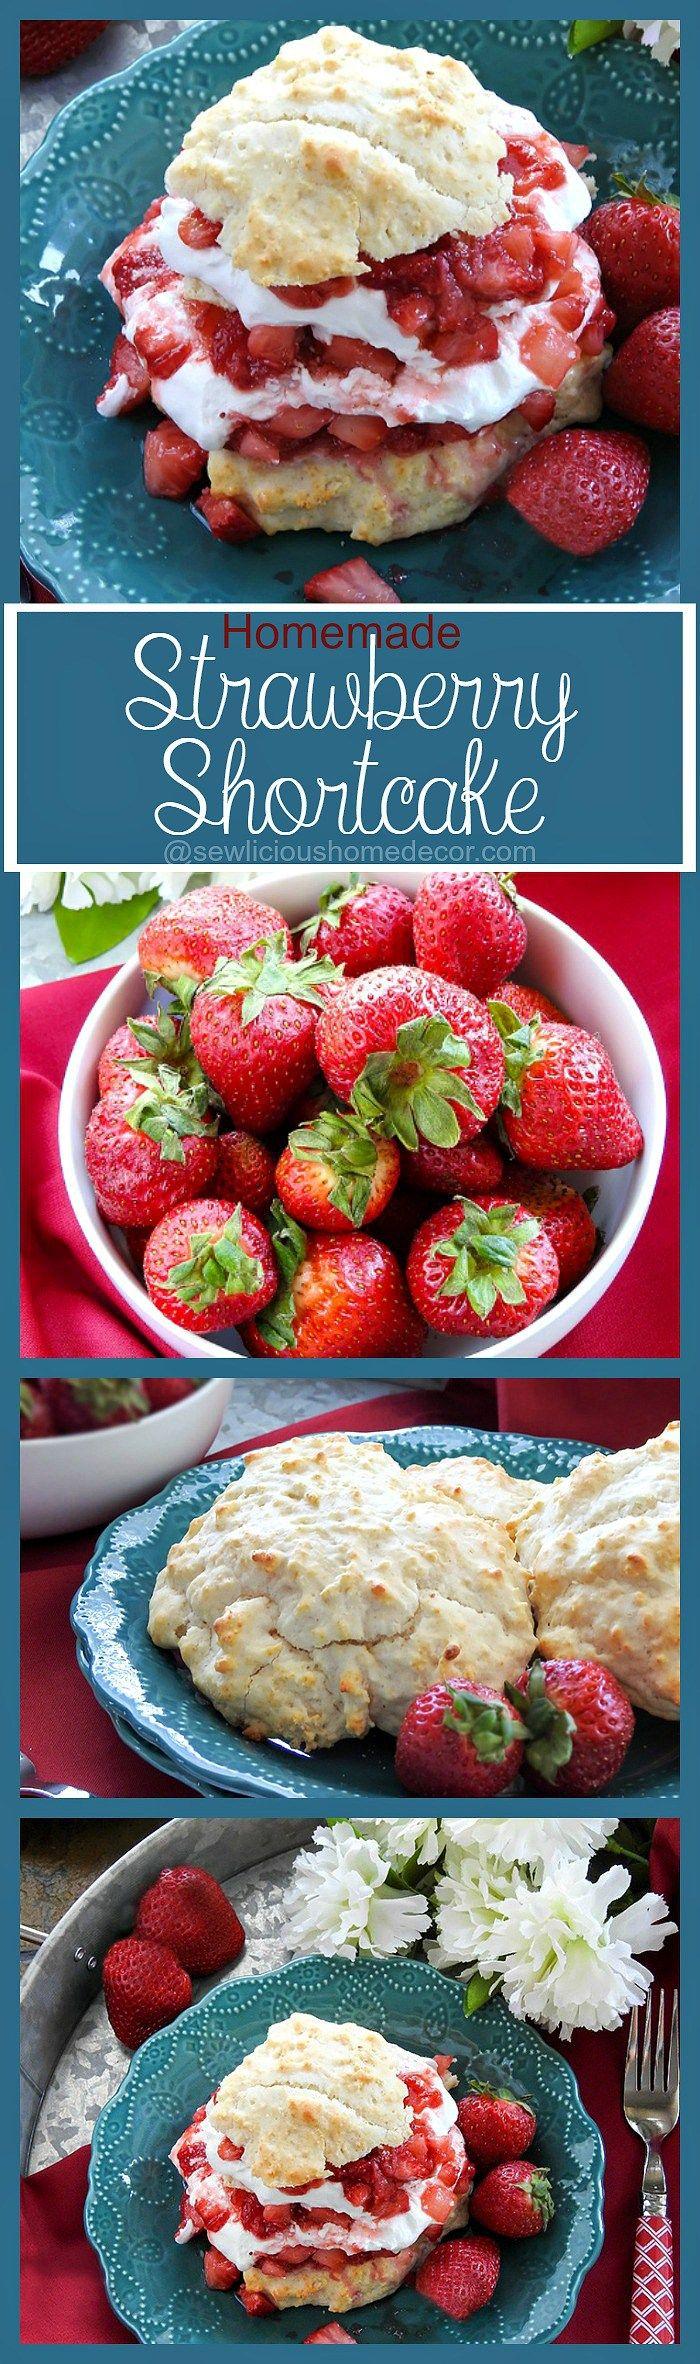 Homemade Strawberry Shortcakes with Cool Whip sewlicioushomedecor.com